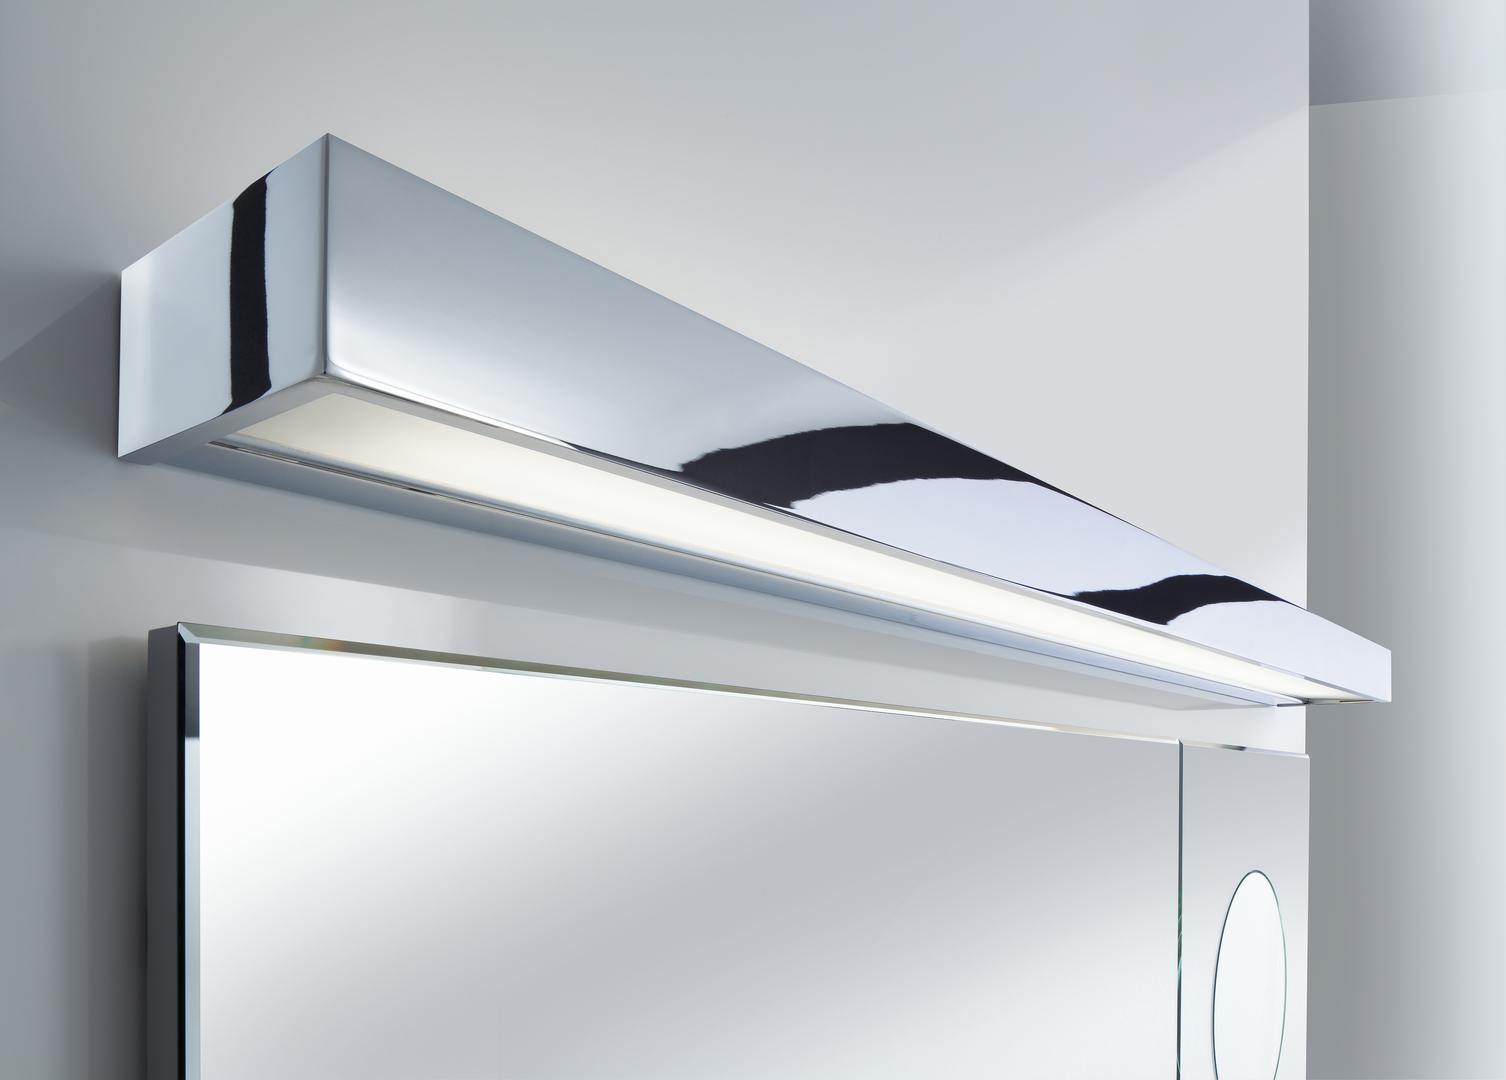 Favorit Badleuchten - Das Lichtspielhaus EQ11